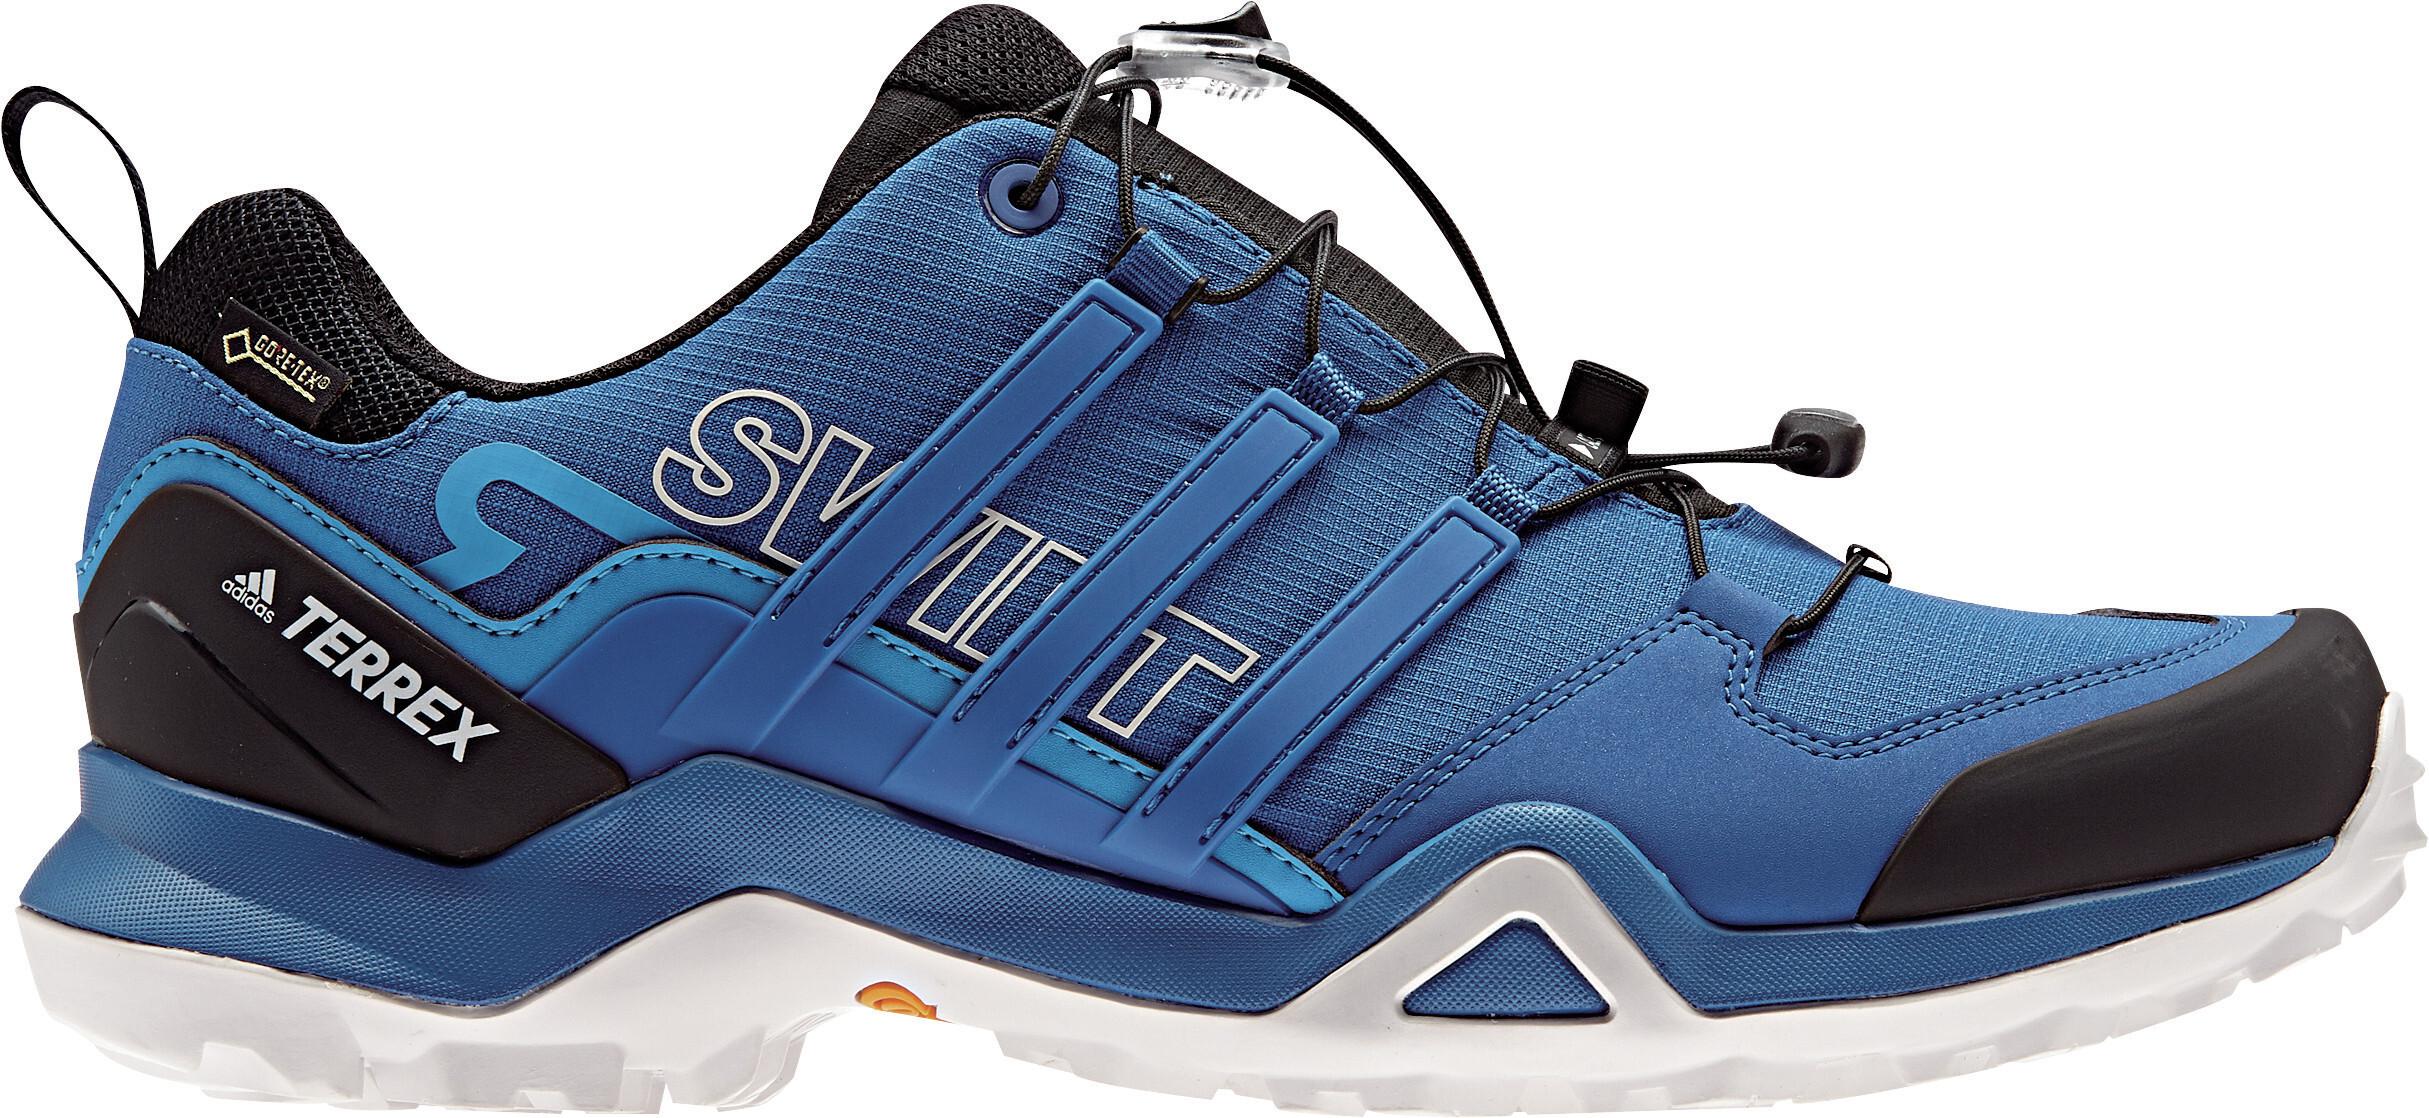 5fad111e321 adidas TERREX Swift R2 GTX Schoenen Heren blauw l Outdoor winkel ...